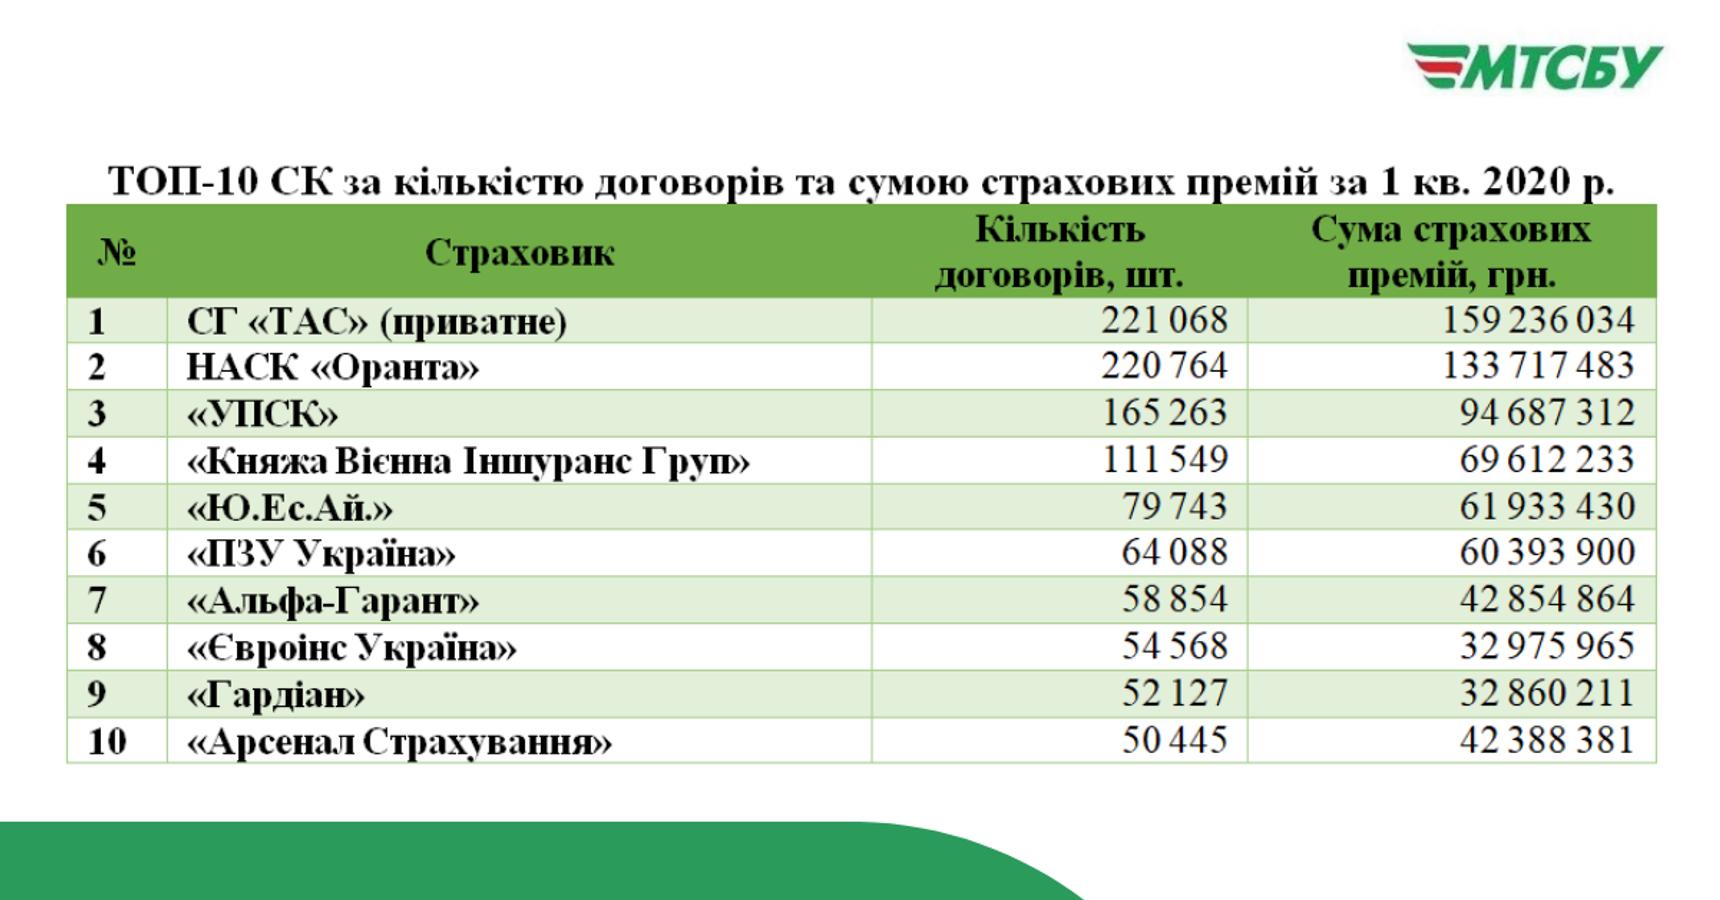 В МСТБУ назвали найбільші страхові компанії України за 1 квартал 2020 року